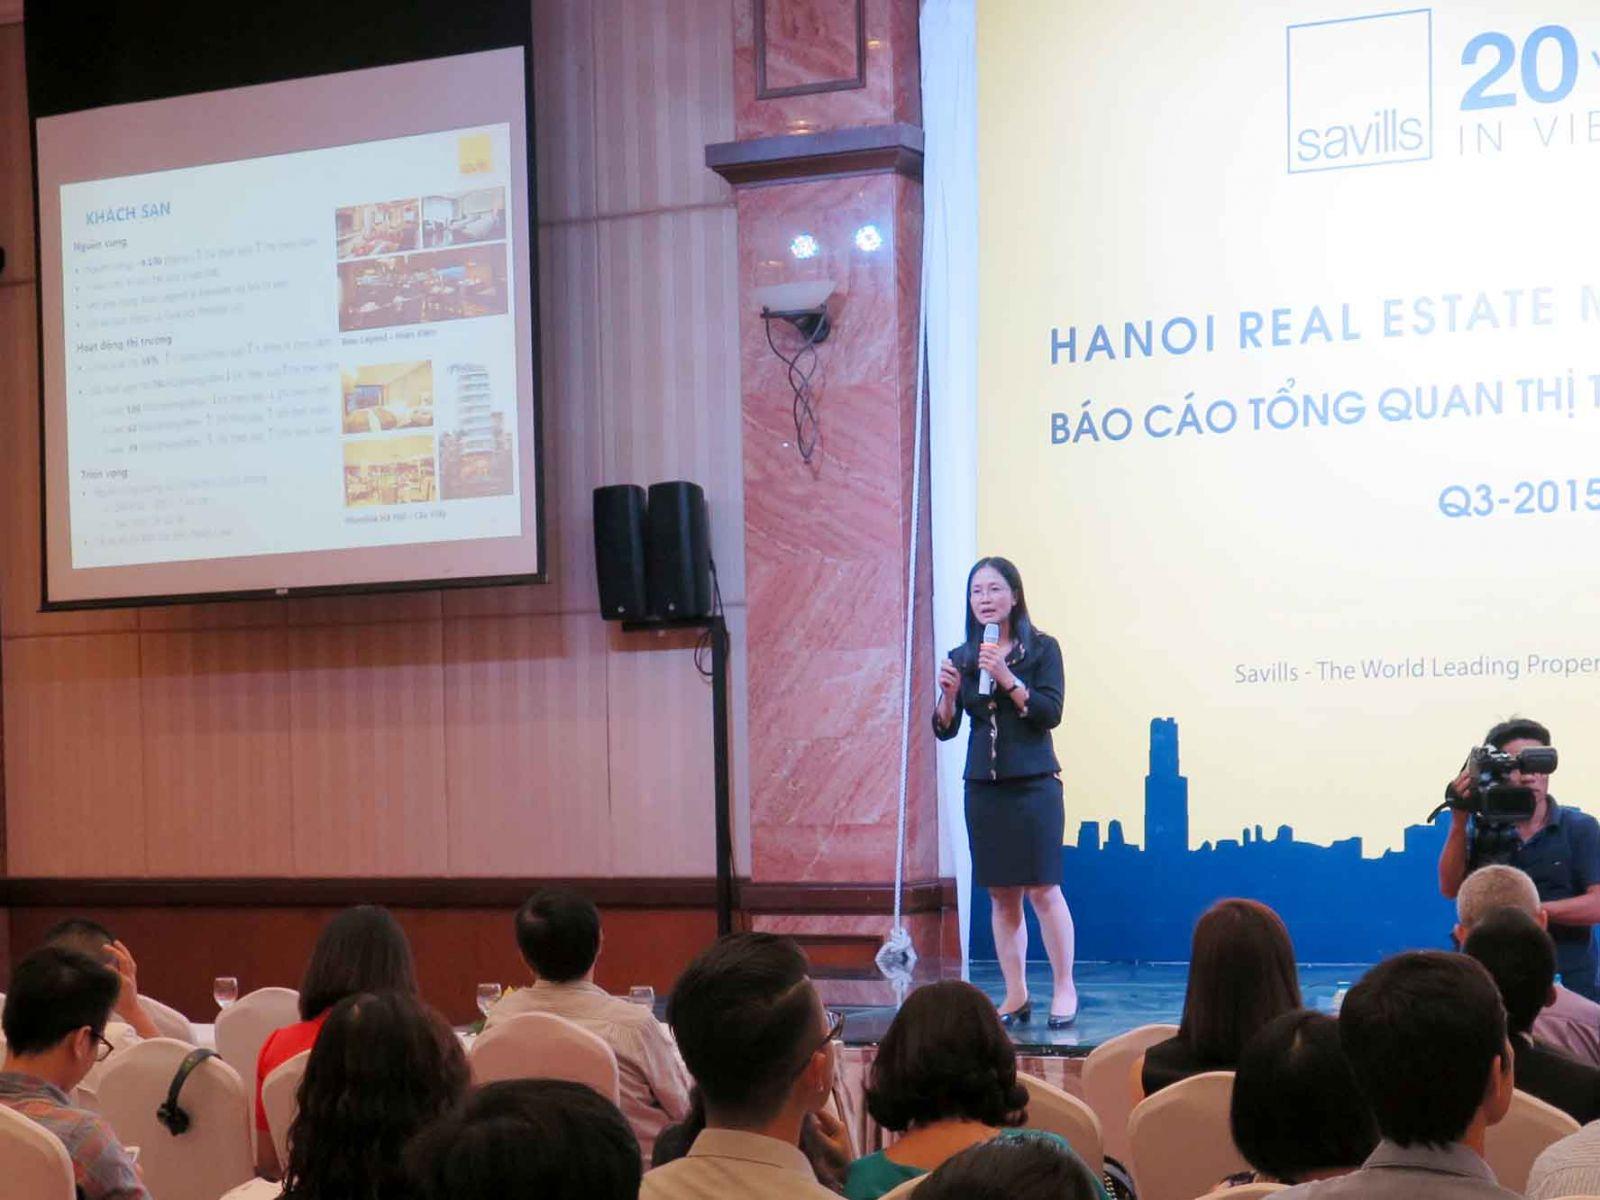 Bà Đỗ Thu Hằng, Trưởng Bộ phận Nghiên cứu & Tư vấn Savills Việt Nam tóm tắt tình hình thị trường bất động sản Hà Nội quý III/2015.